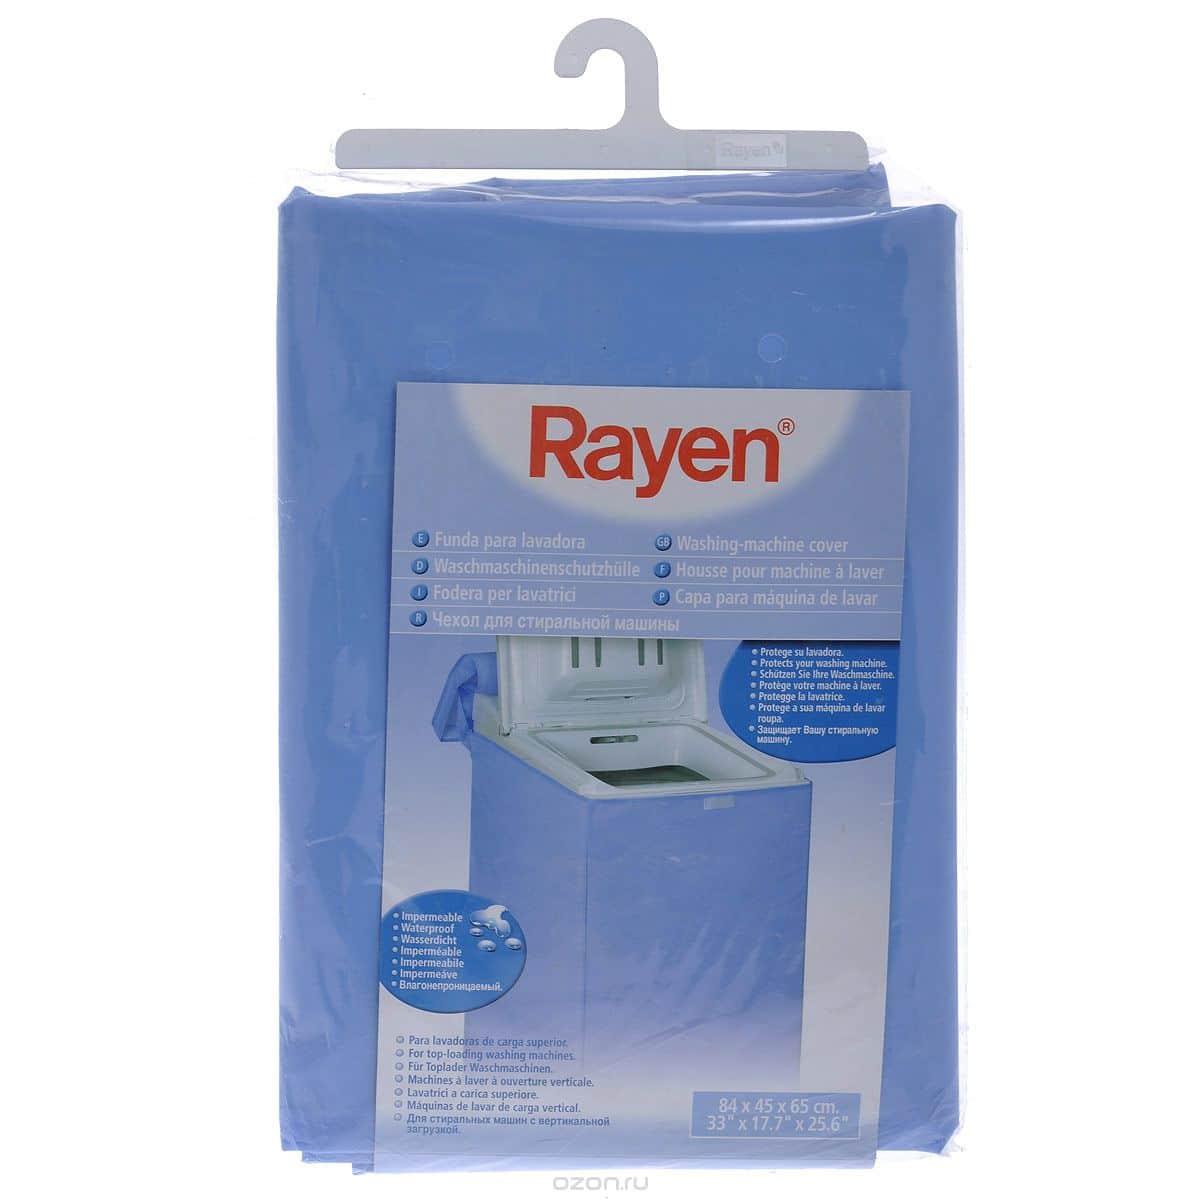 Испанский чехол для стиральной машины Rayen